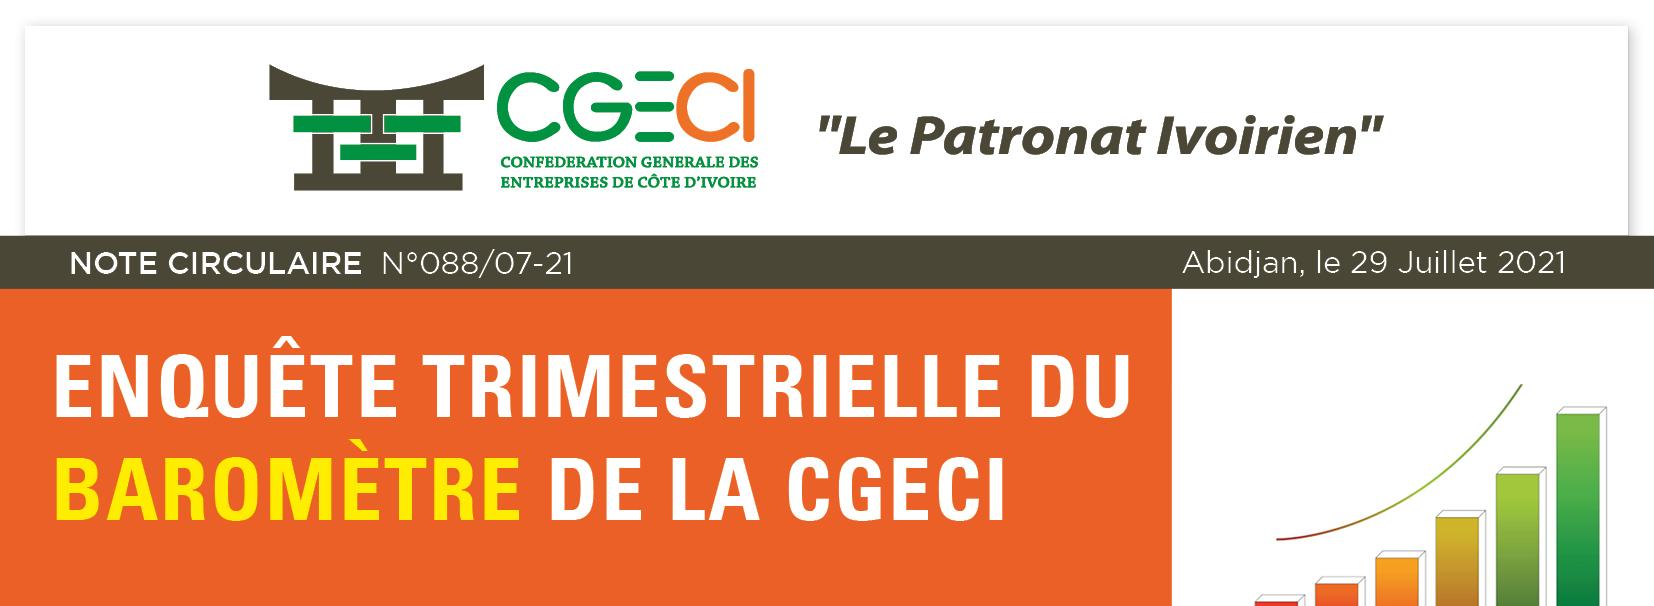 Enquête trimestrielle du baromètre de la CGECI